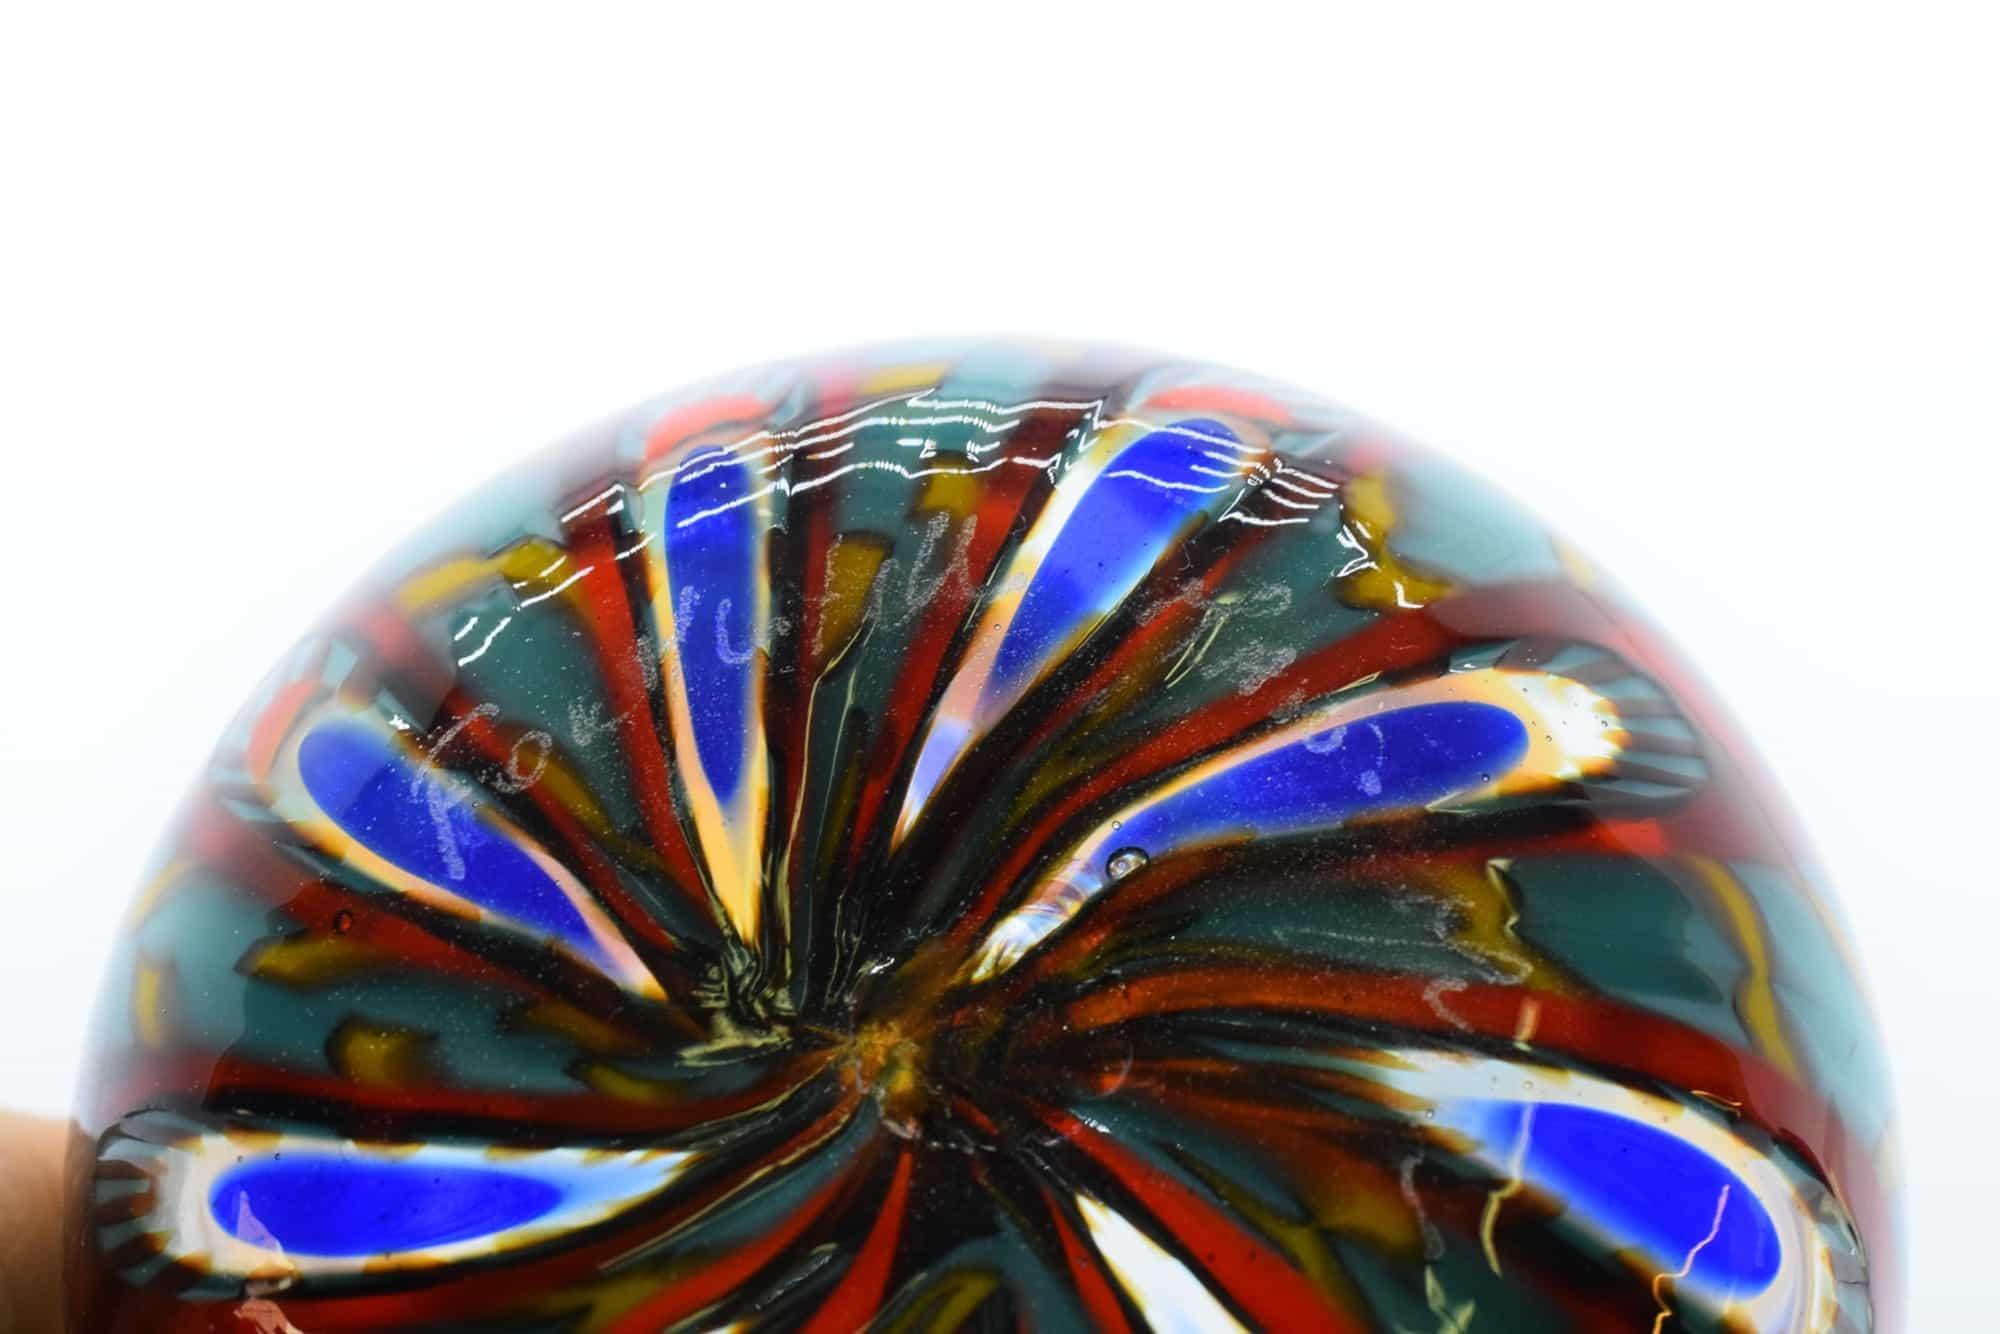 Мурринское стекло из муранского стекла - (Art. 37640)